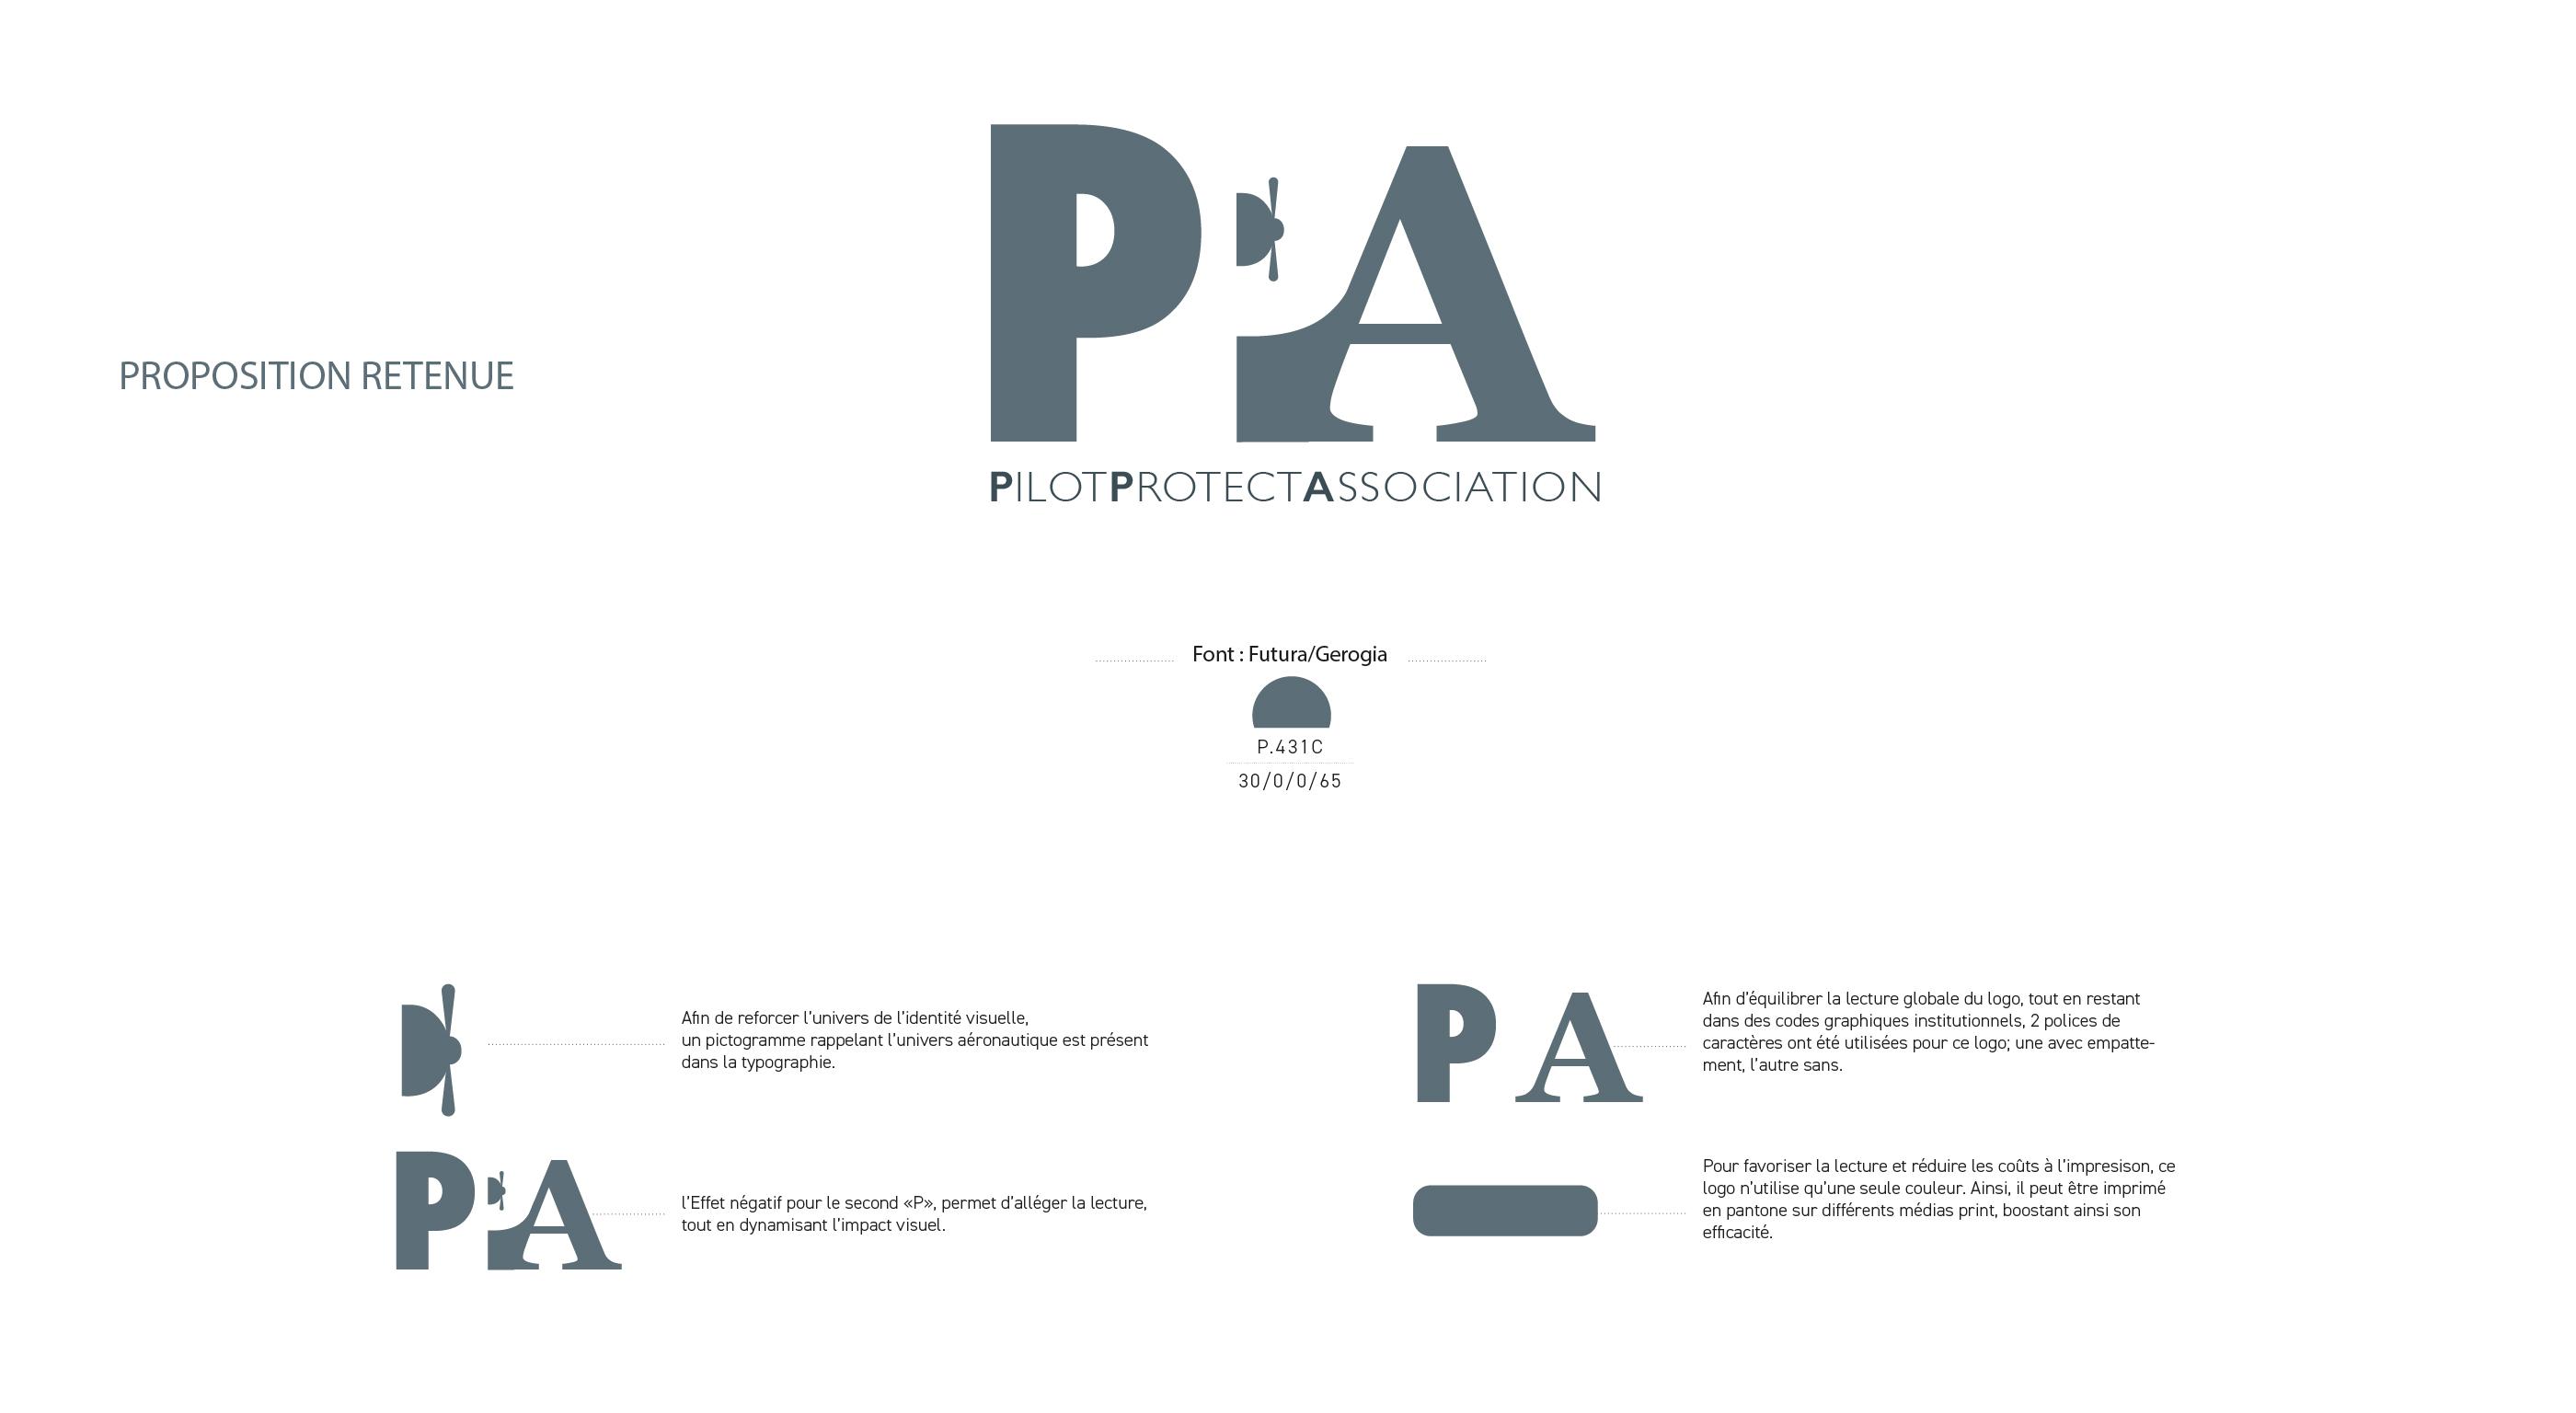 Saam, Pilot protect association, Stewart, hôtesses de l'air, pilotes, assurances, aéronef, verspieren, Pilotes, services, logo, web design, print, app, idée, ui/ux, marque, communication, Guyane, Construction, conseil, consultation, appel d'offre,